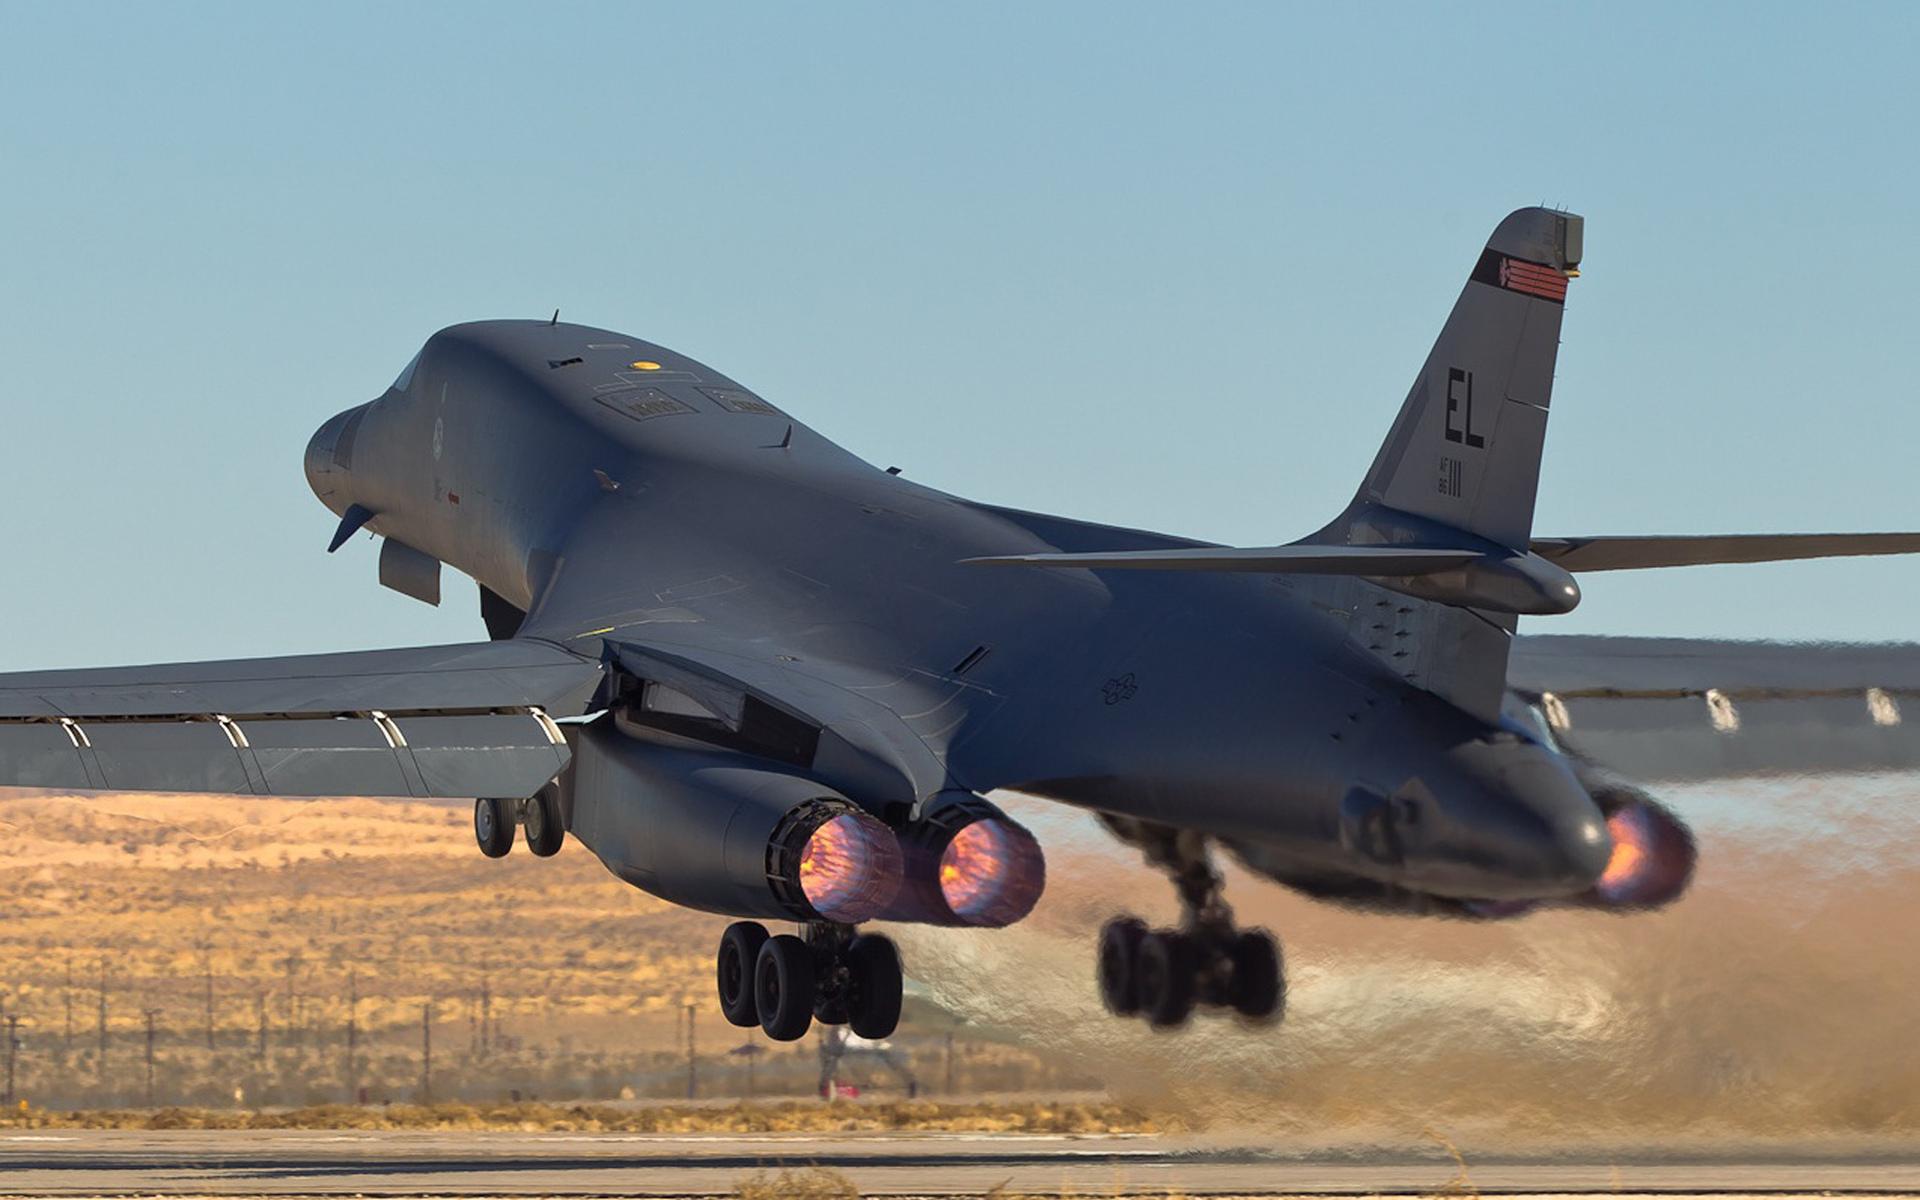 B-1B Lancer бомбардировщик - обои для рабочего стола, картинки, фото